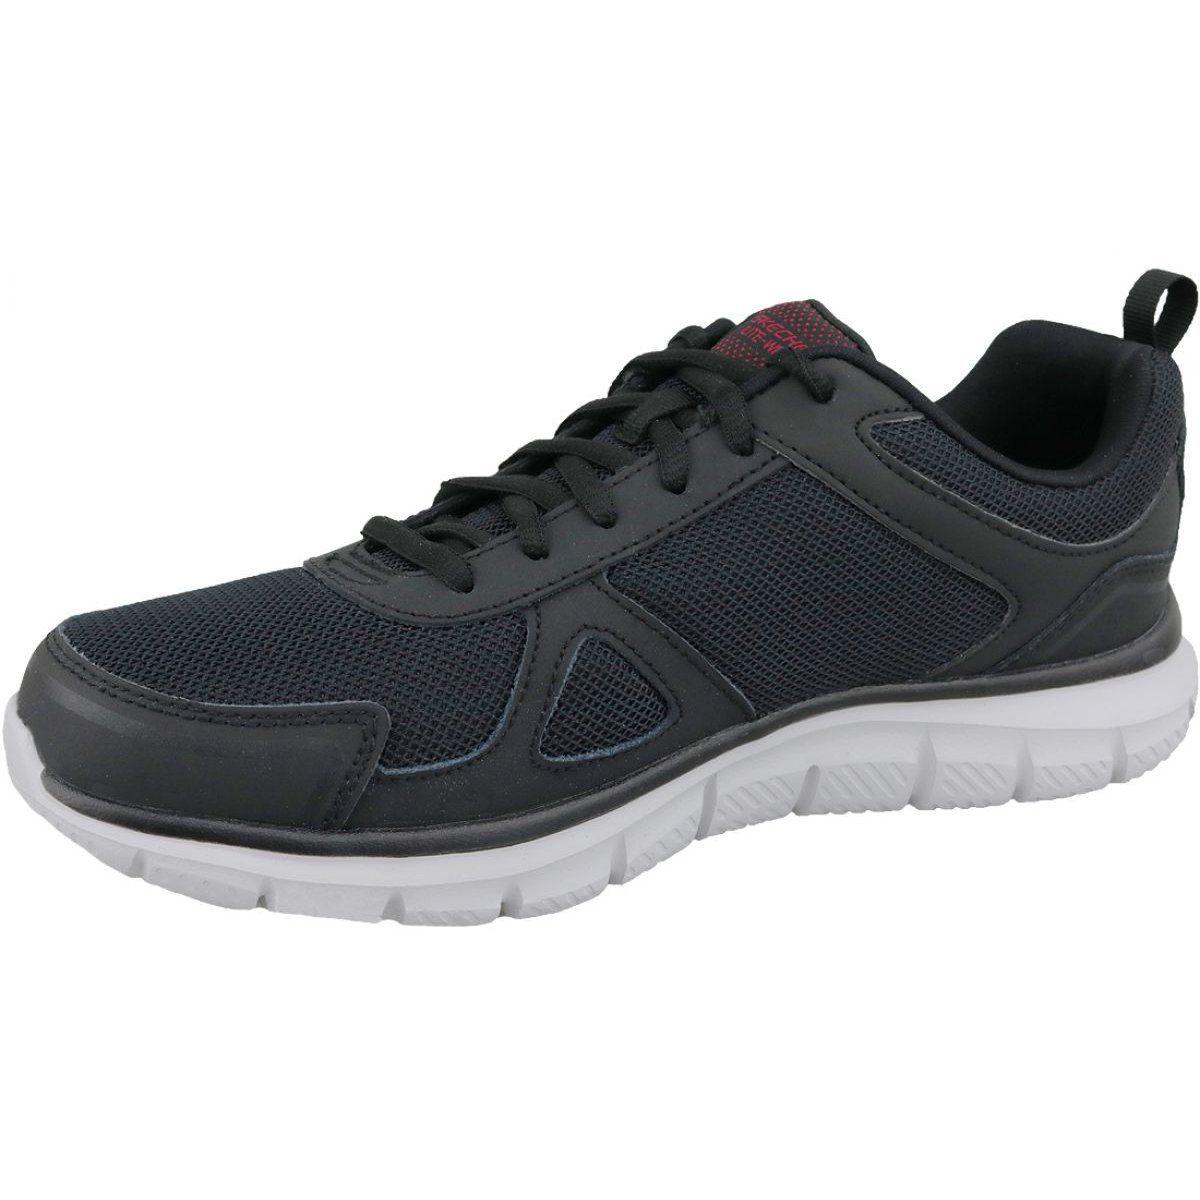 Buty Skechers Track Scloric M 52631 Bkrd Czarne Zolte Skechers Shoes Skechers Shoes